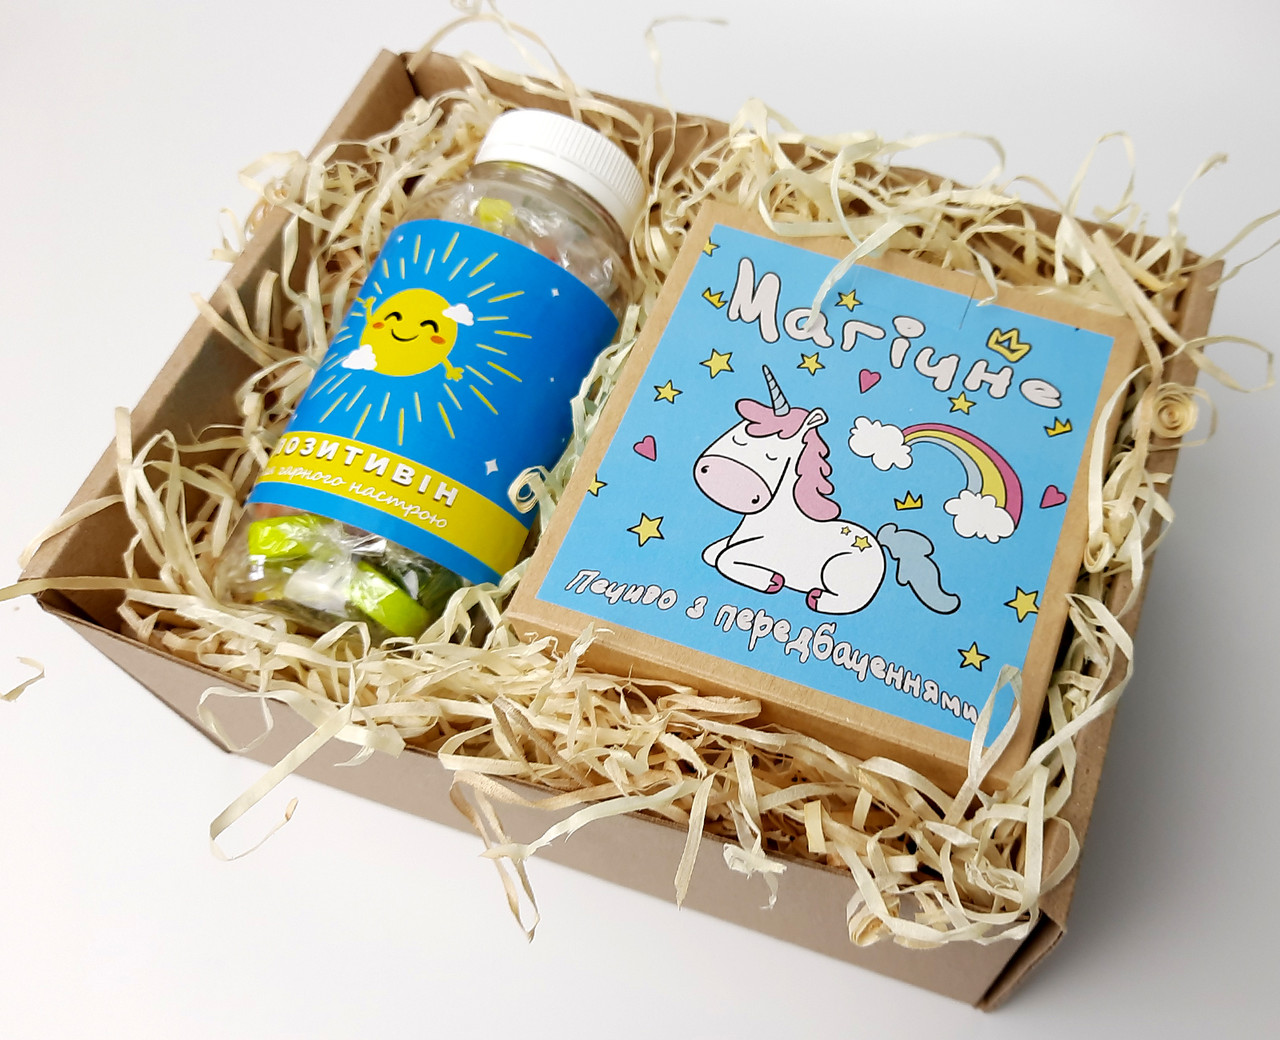 """Подарочный бокс """"Позитивный подарок"""": конфеты """"Позитивин"""" и магическое печенье для исполнения желаний"""